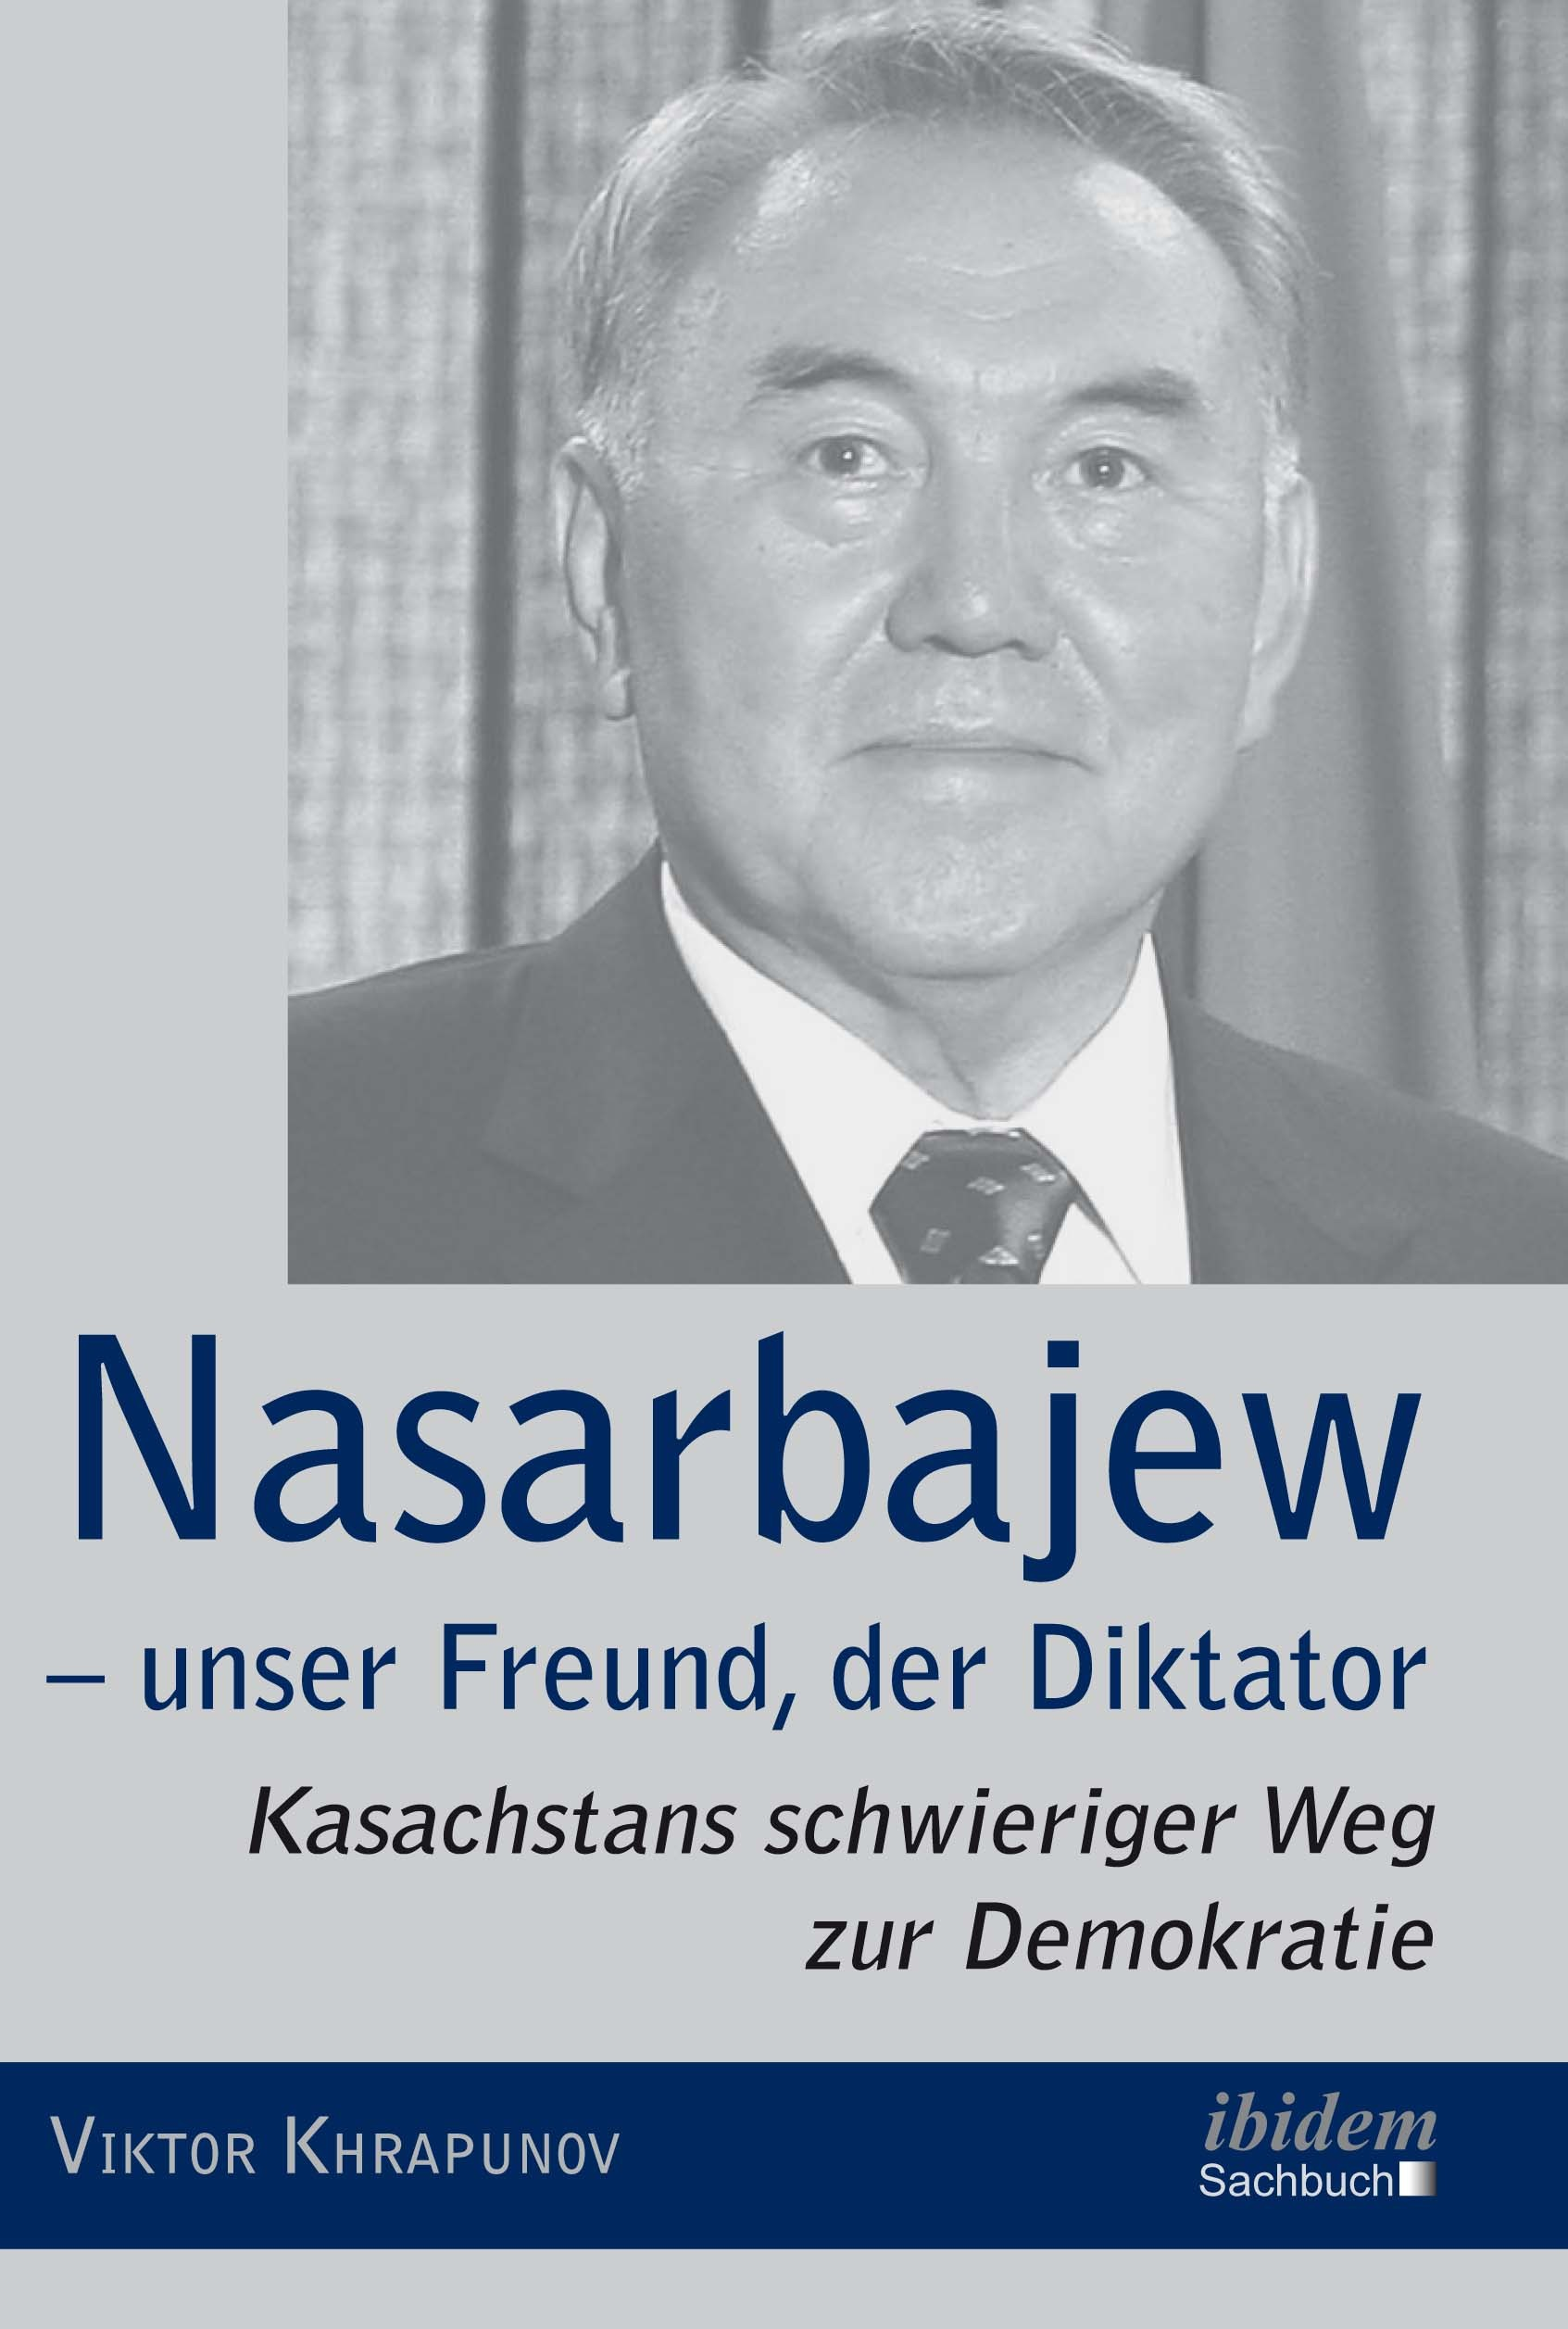 Nasarbajew – unser Freund, der Diktator